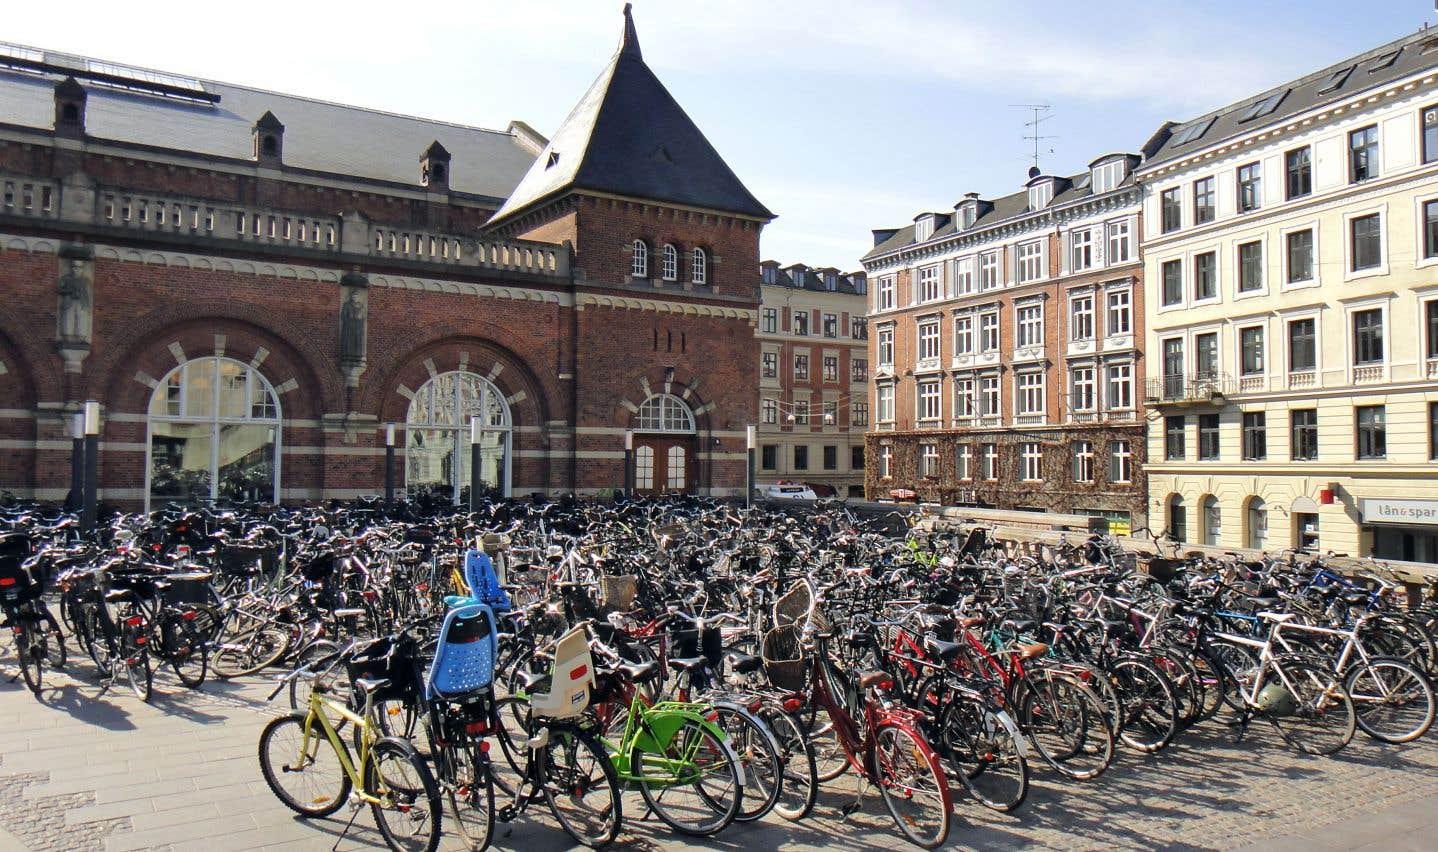 Séparer pour mieux protéger: la solution choisie en Europe pour rendre les villes plus cyclables